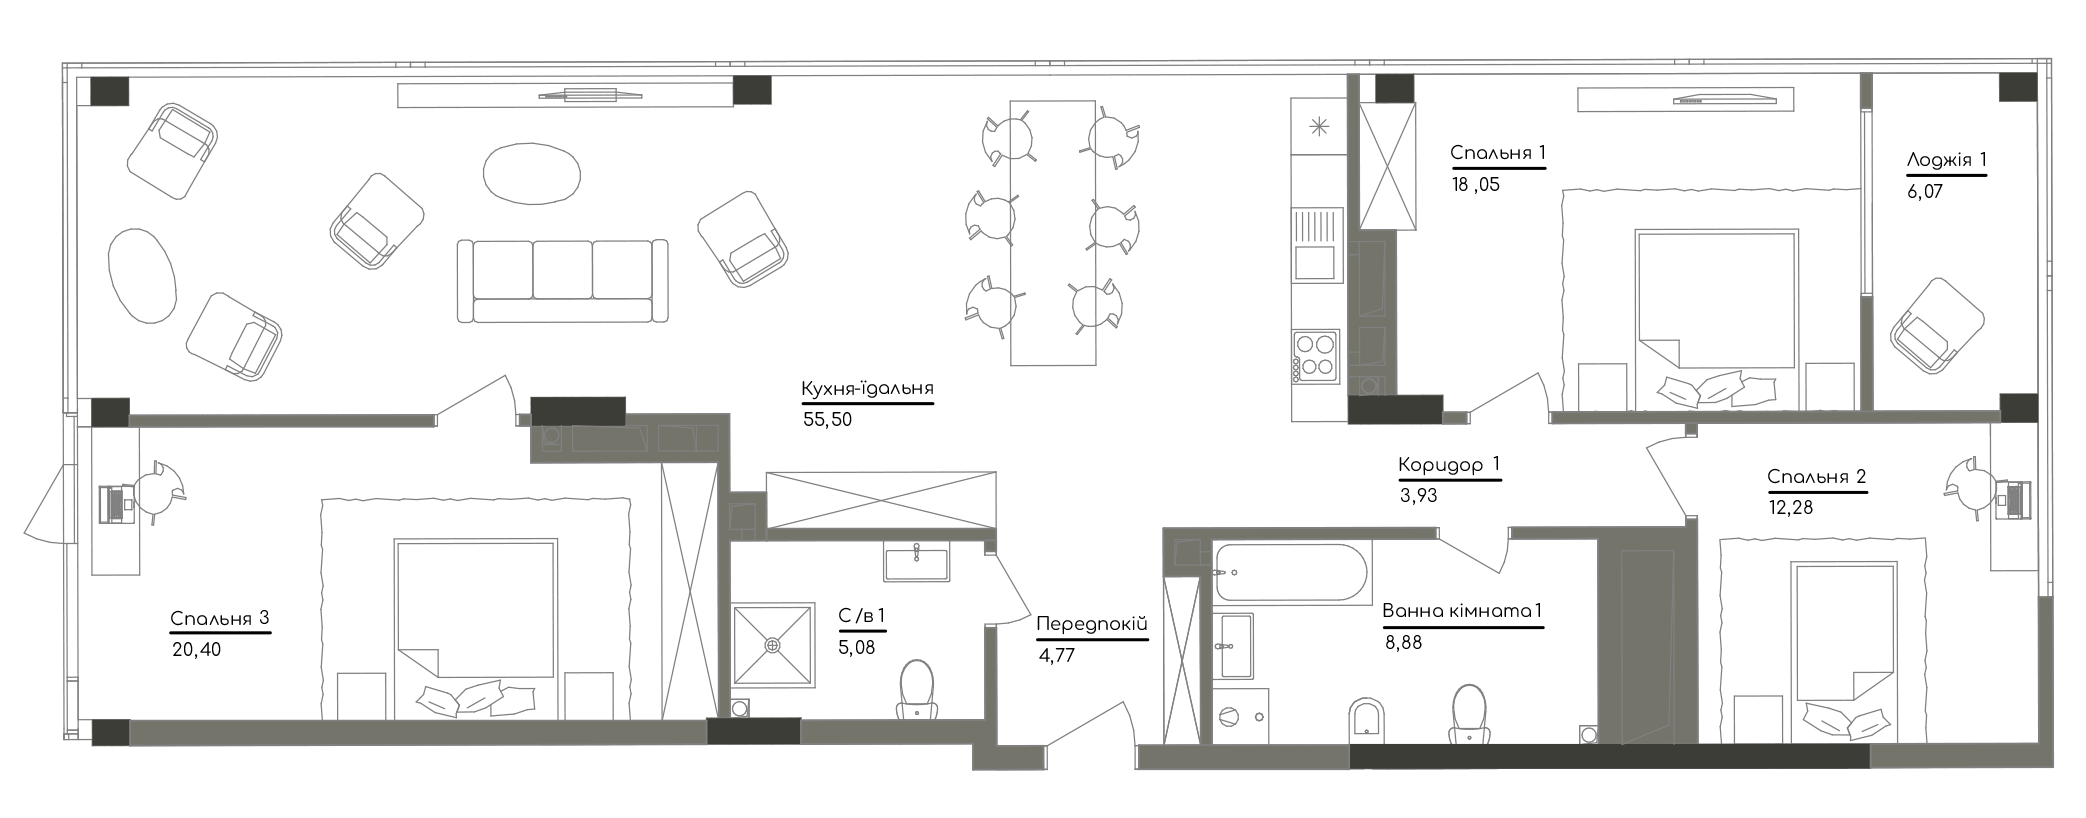 Квартира KV_82_3C_1_1_6